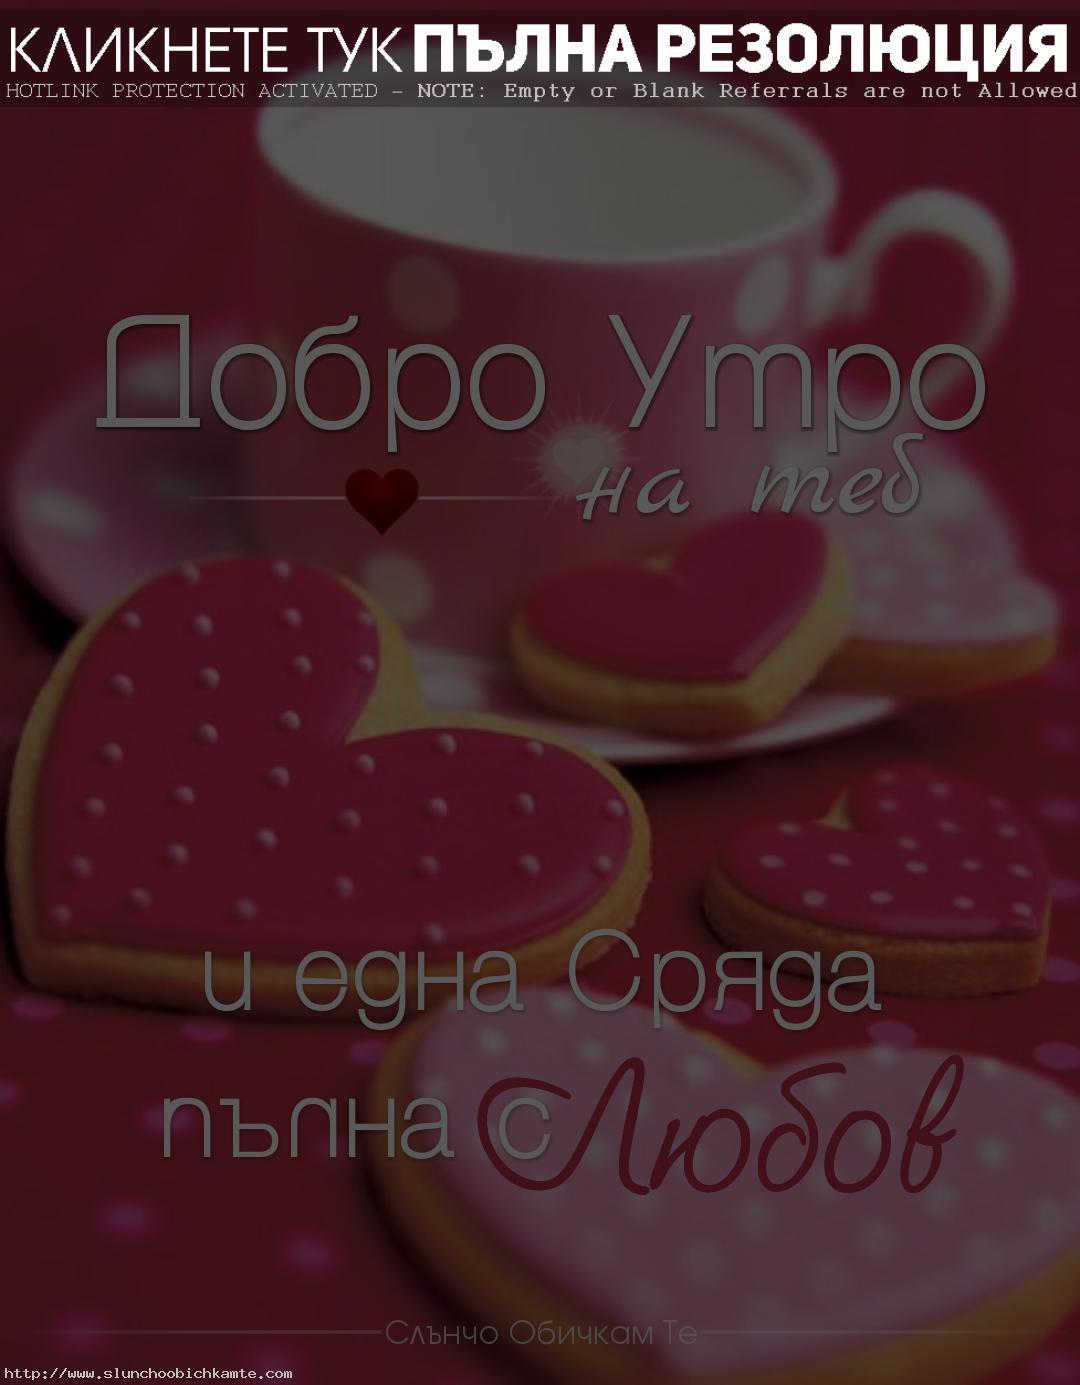 Добро утро и една сряда пълна с любов - пожелания за добро утро, добро утро и усмихнат ден, добро утро и слънчев ден, добро утро сряда, добро утро любов, добро утро сърце, добро утро кафе, розово добро утро, пожелания за добро утро в сряда, добро утро на теб, много любов, сряда сутрин, пожелания сутрин, розови бисквити, свети валентин, розови чаши, сърчица, бисквити сърца, хубави пожелания сърце, добро утро хубав ден, щастлив ден, усмихнат ден, слънчев ден, добро утро, сряда